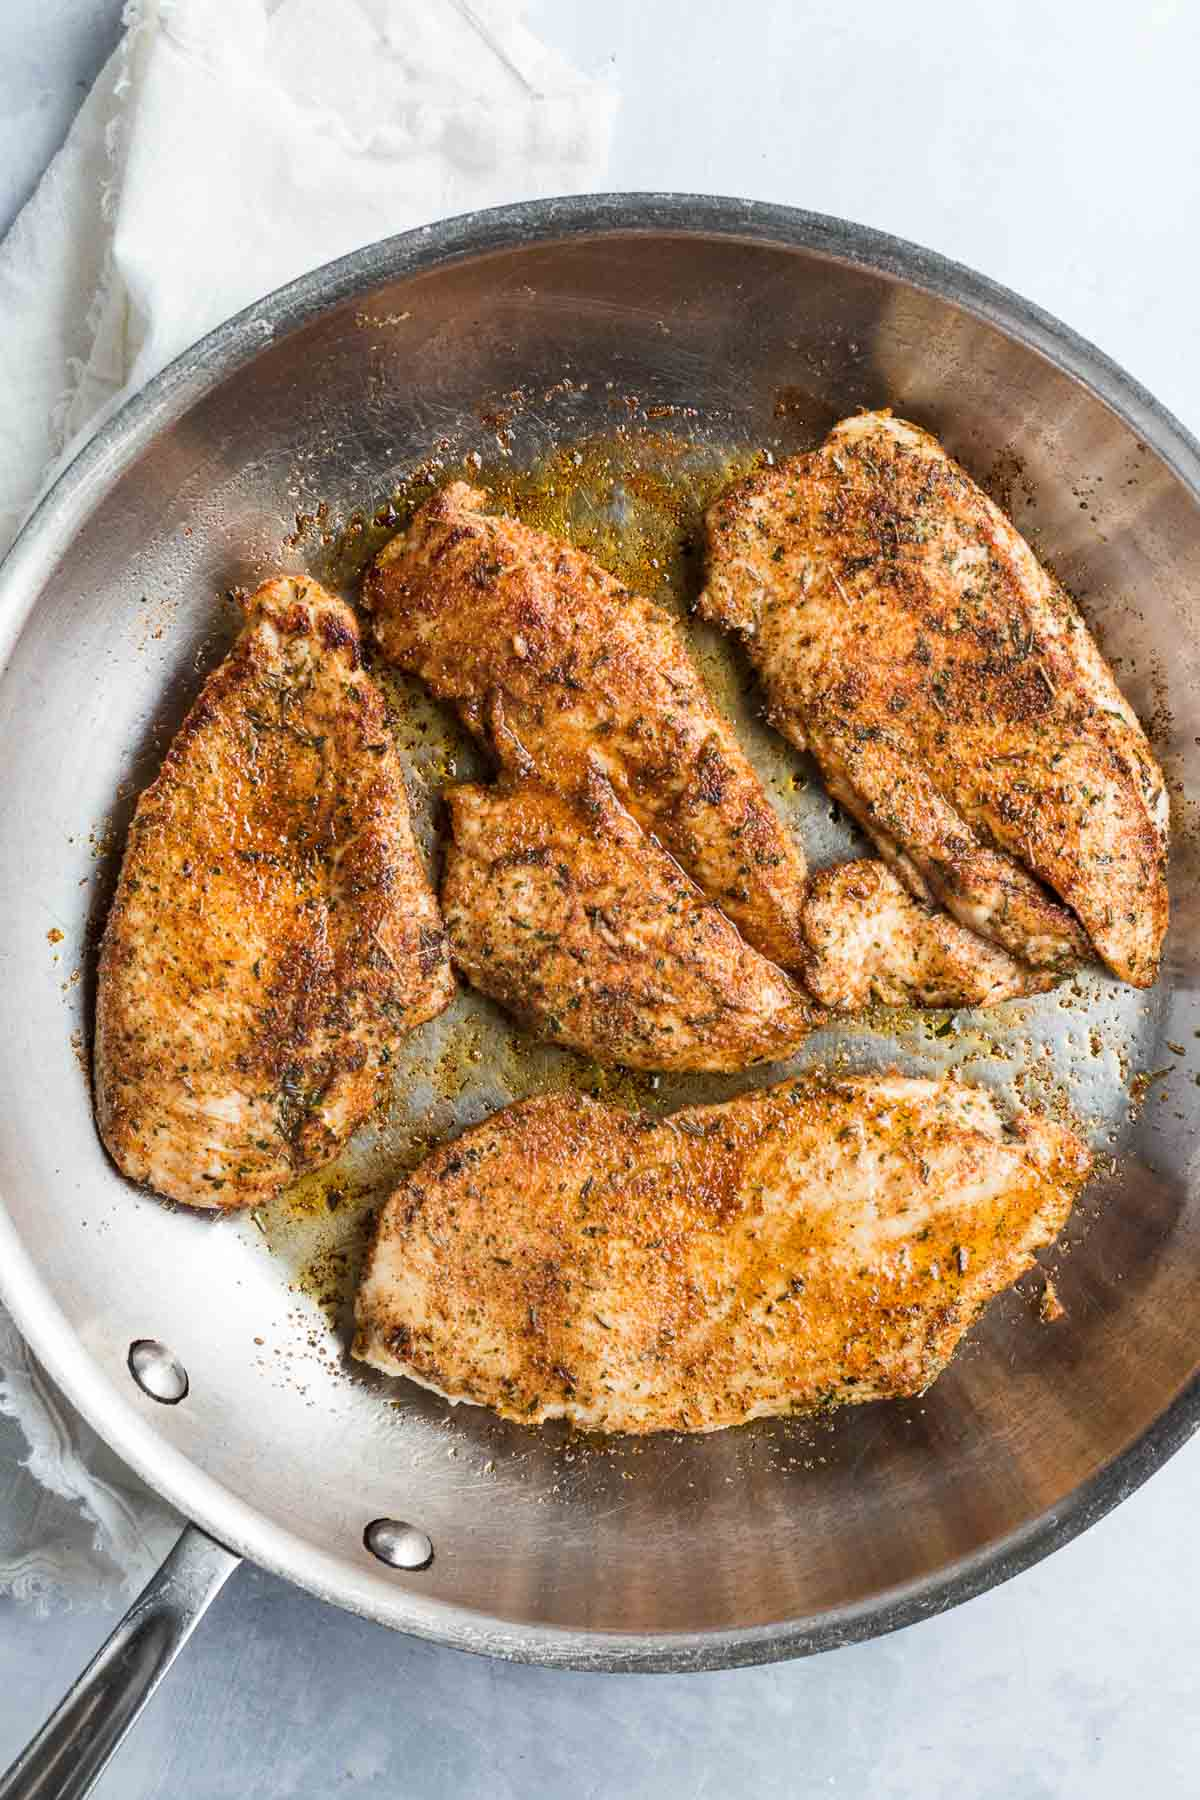 jerk seasoned chicken breasts in a frying pan.